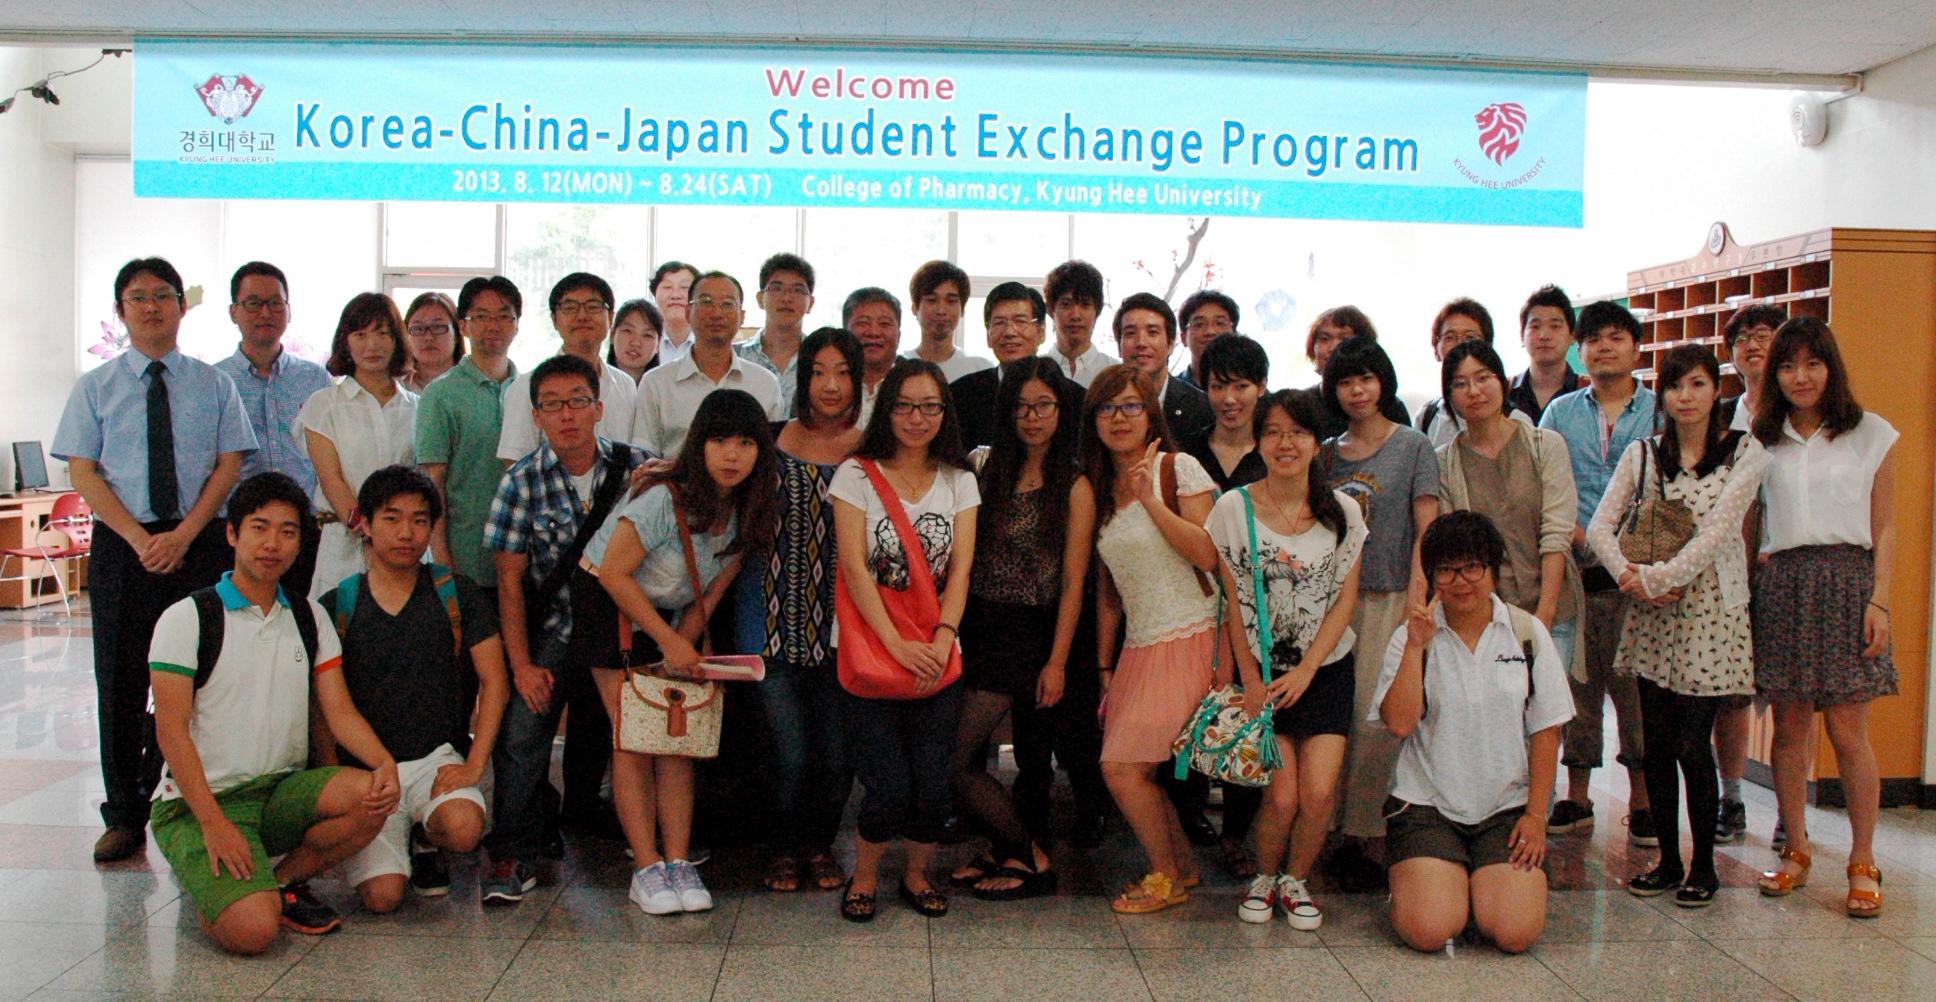 Đại học Hokuriku tổ chức chuyến đi cho sinh viên ngành khoa học dược phẩm tới Hàn Quốc và Trung Quốc